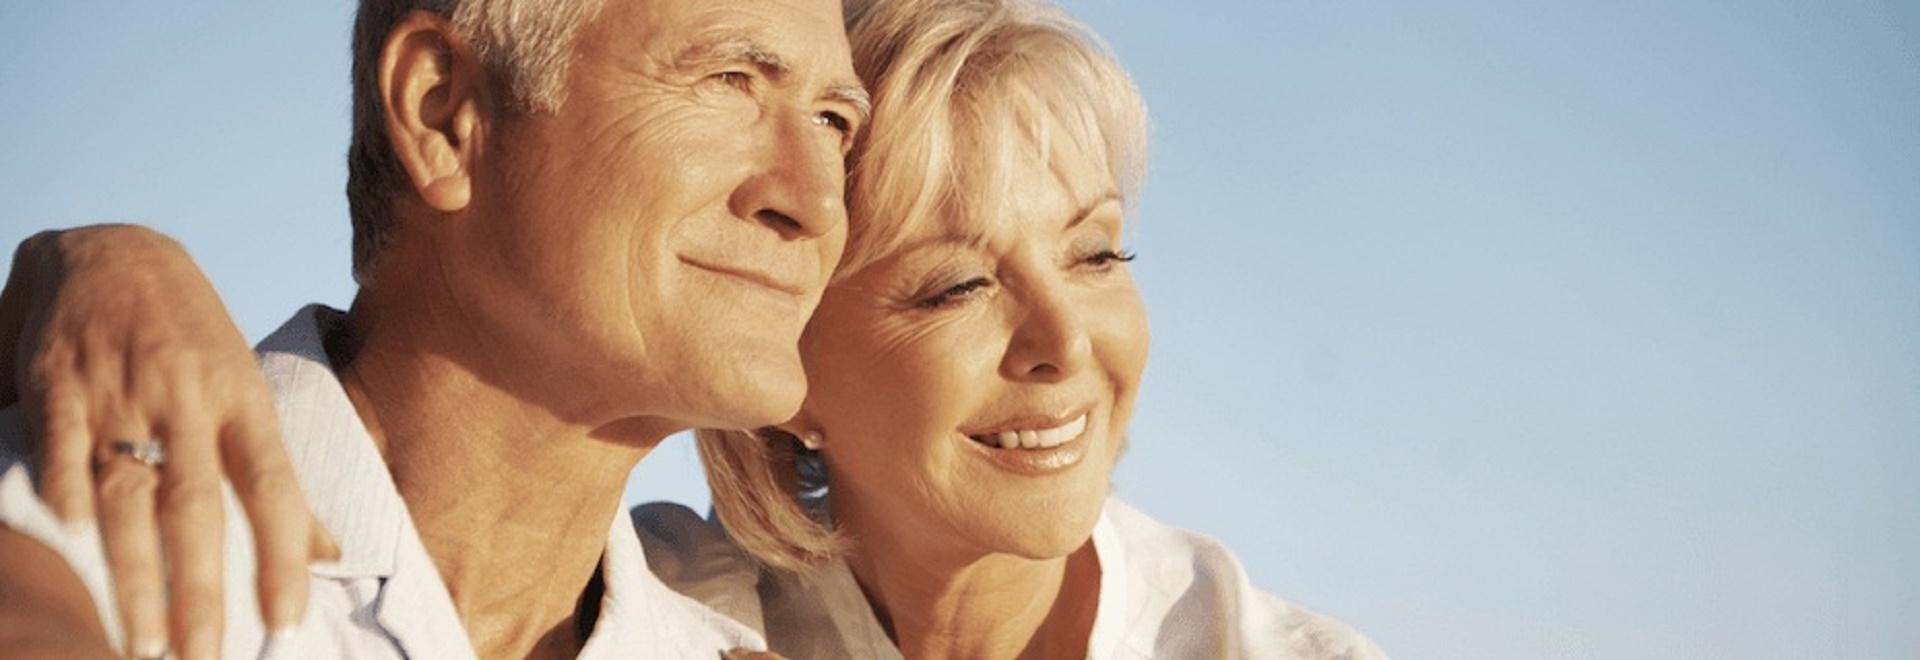 Inps inpdap prestiti finanziamenti online for Finanziamenti online